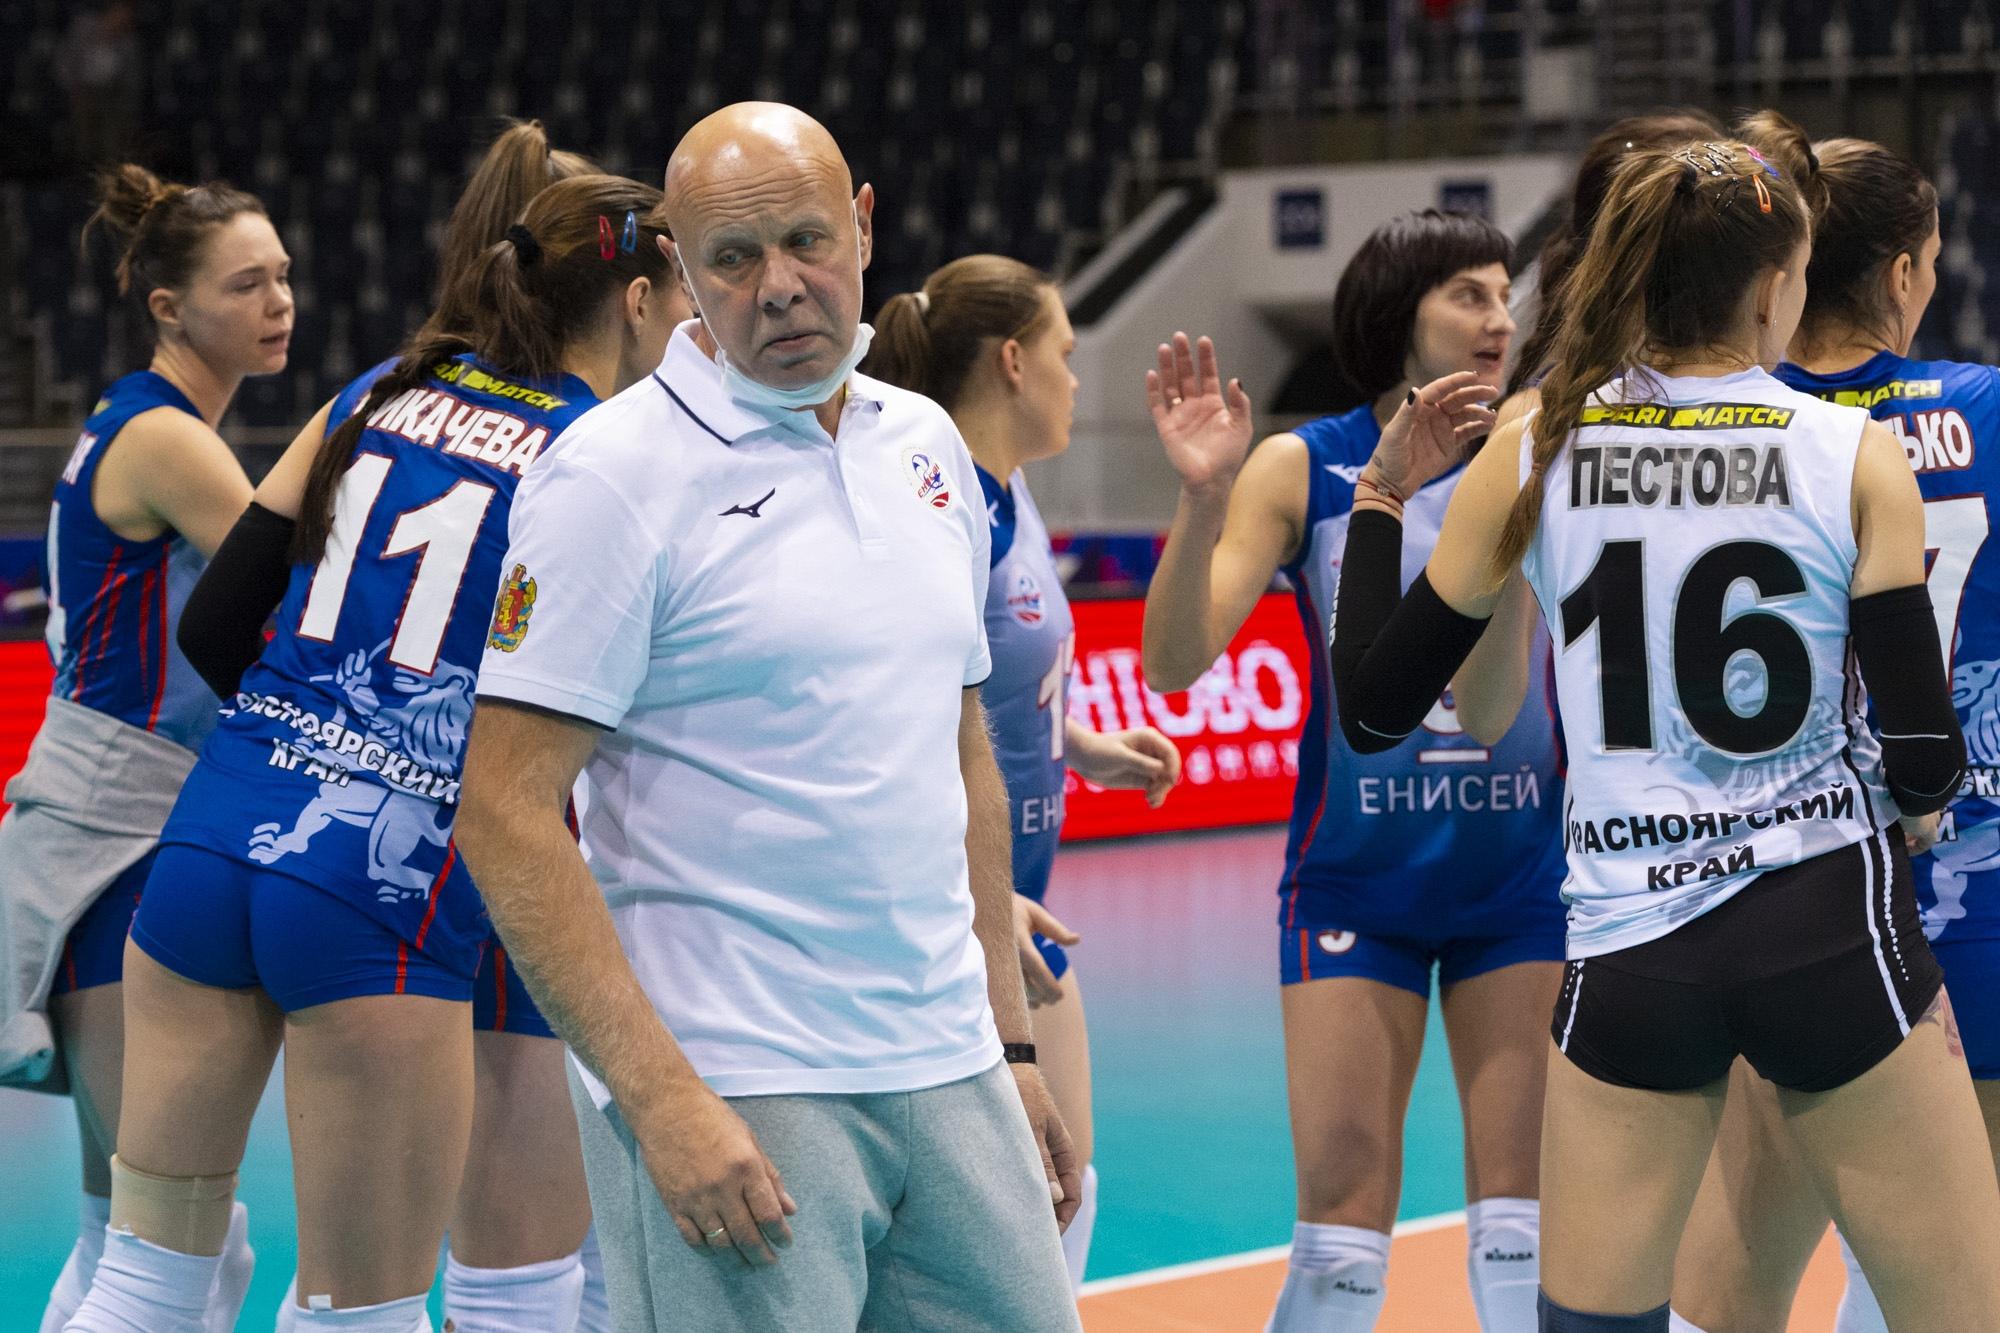 Красноярские волейболистки вернулись домой без победы